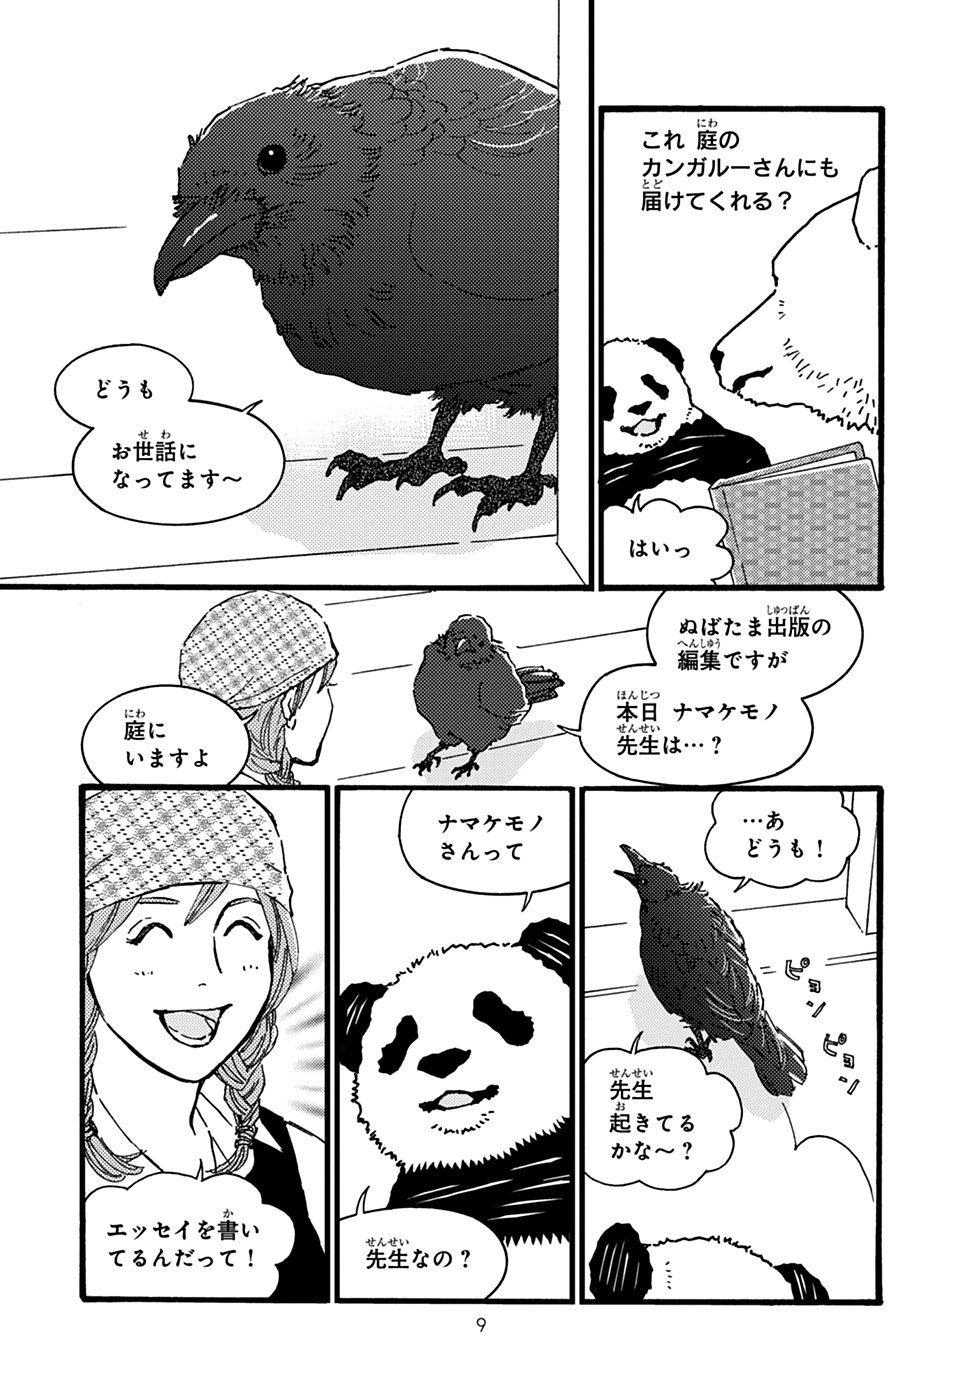 しろくまカフェ today's special 漫画試し読み7